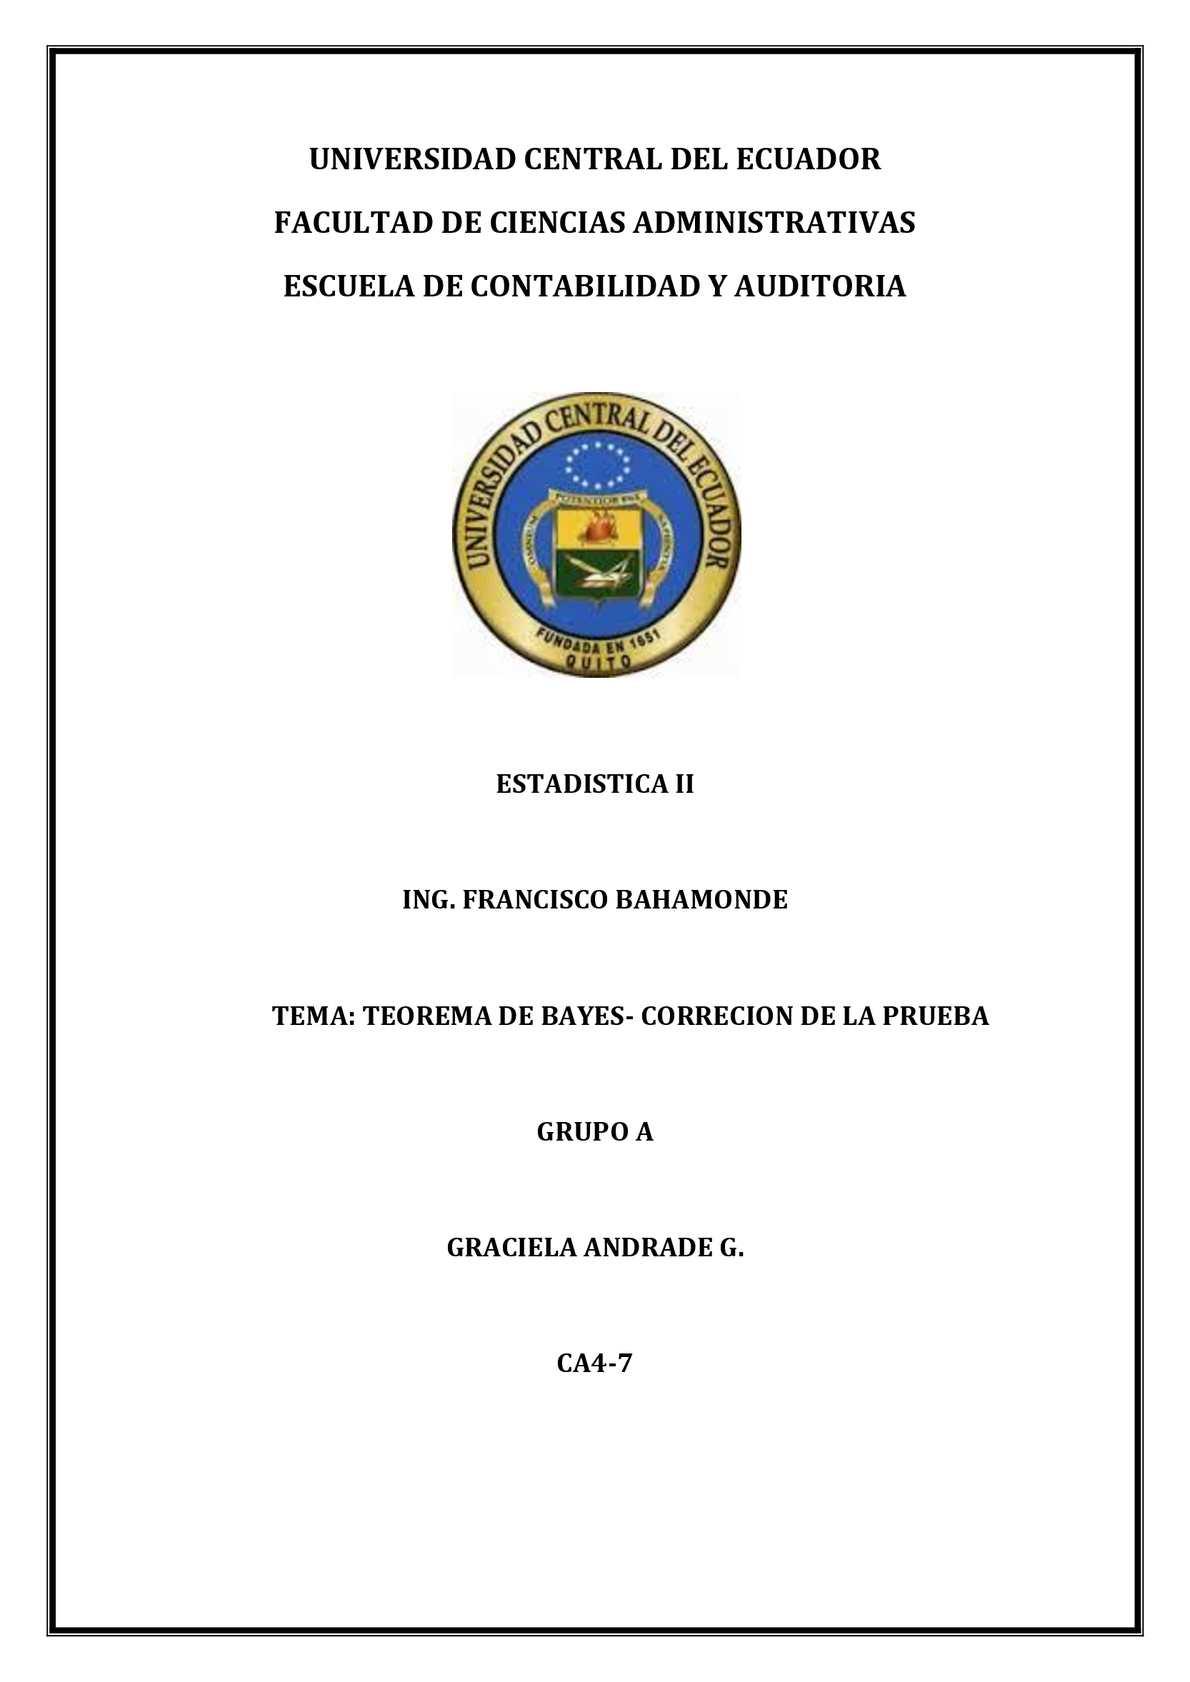 teorema de bayes- correcion-Graciela Andrade-CA4-7